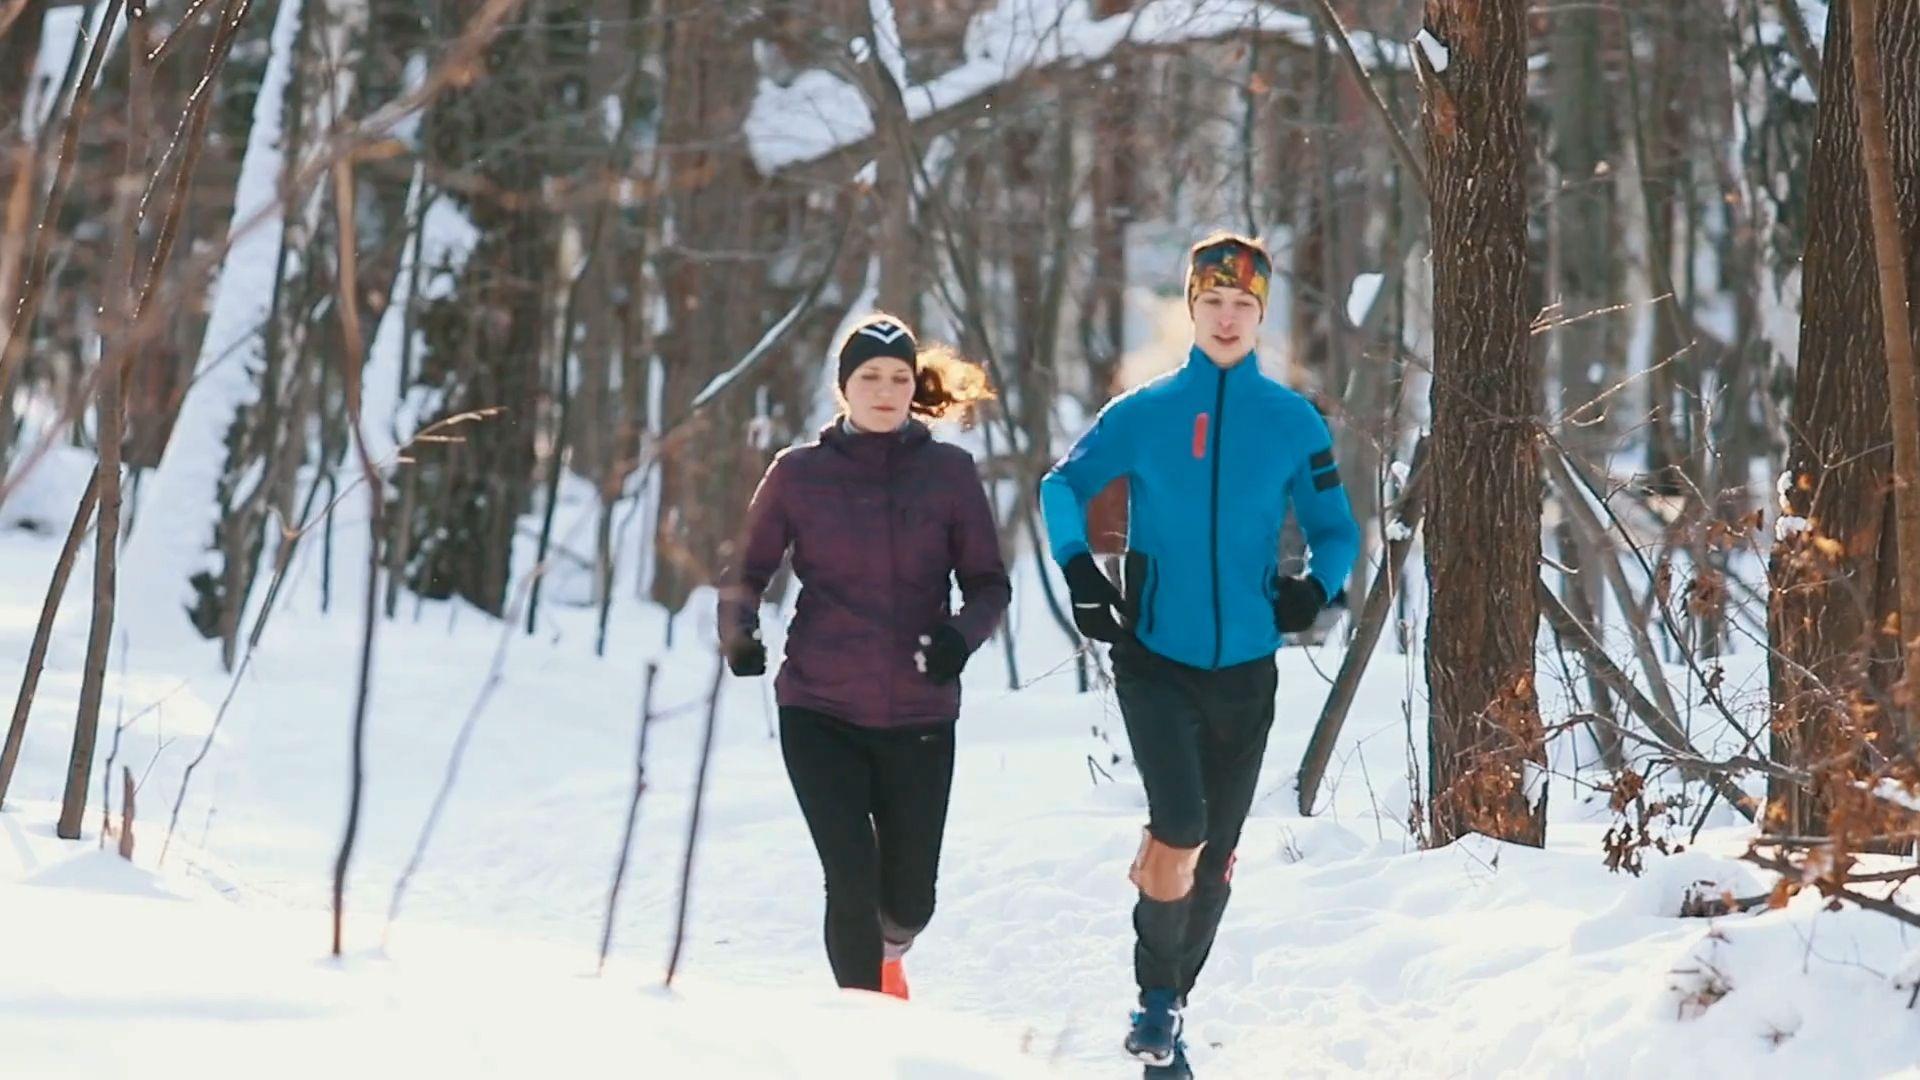 Laufen im Winter: So trainiert man ohne Probleme auch bei Kälte